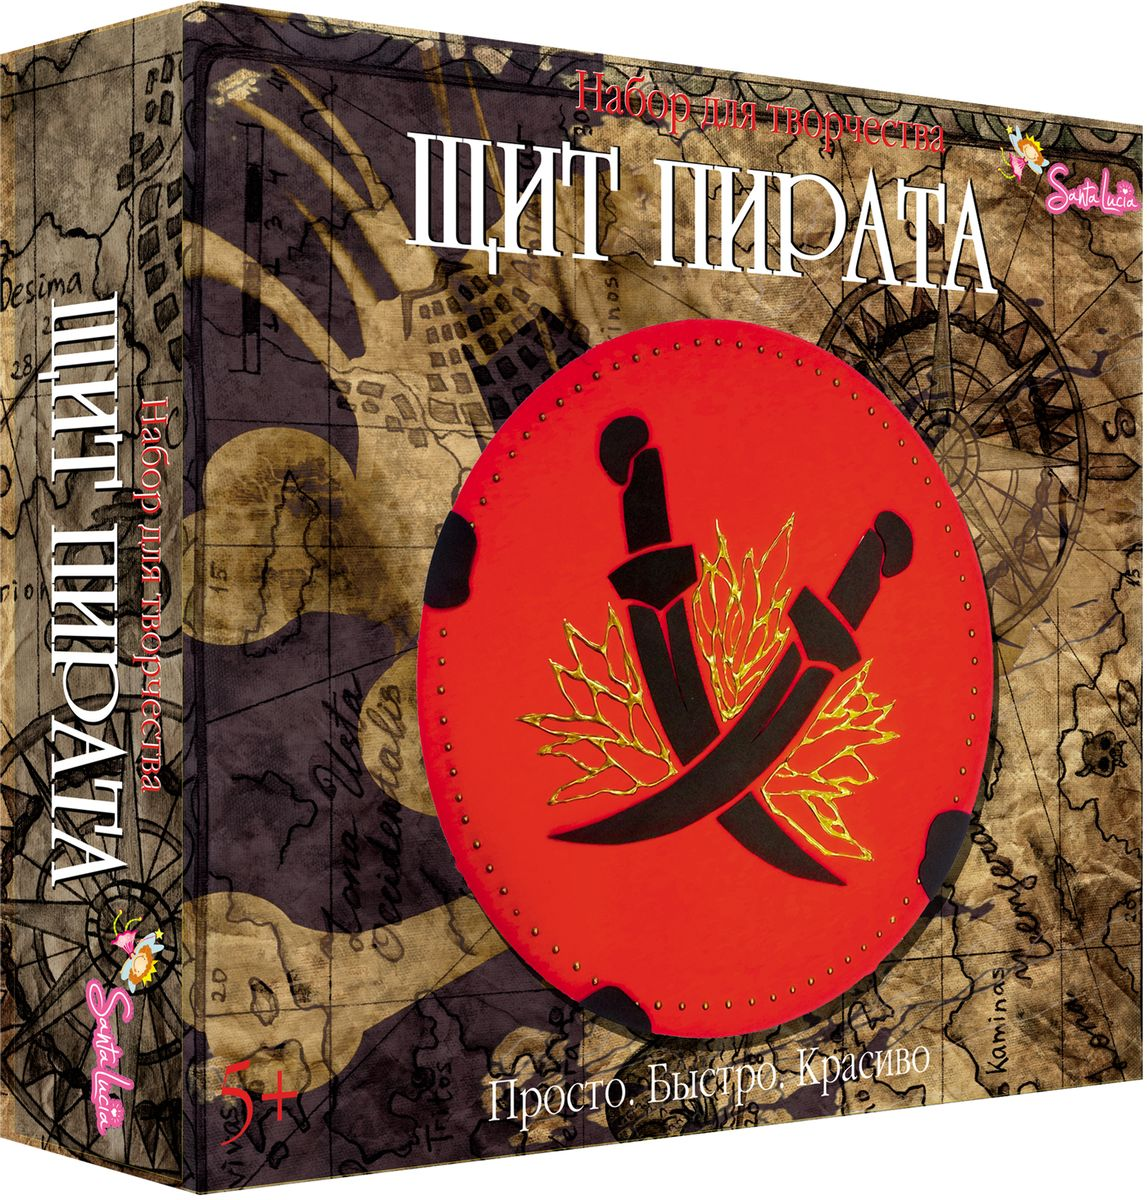 Купить Santa Lucia Набор для изготовления игрушек Щит пирата, Санта Лючия, Игрушки своими руками